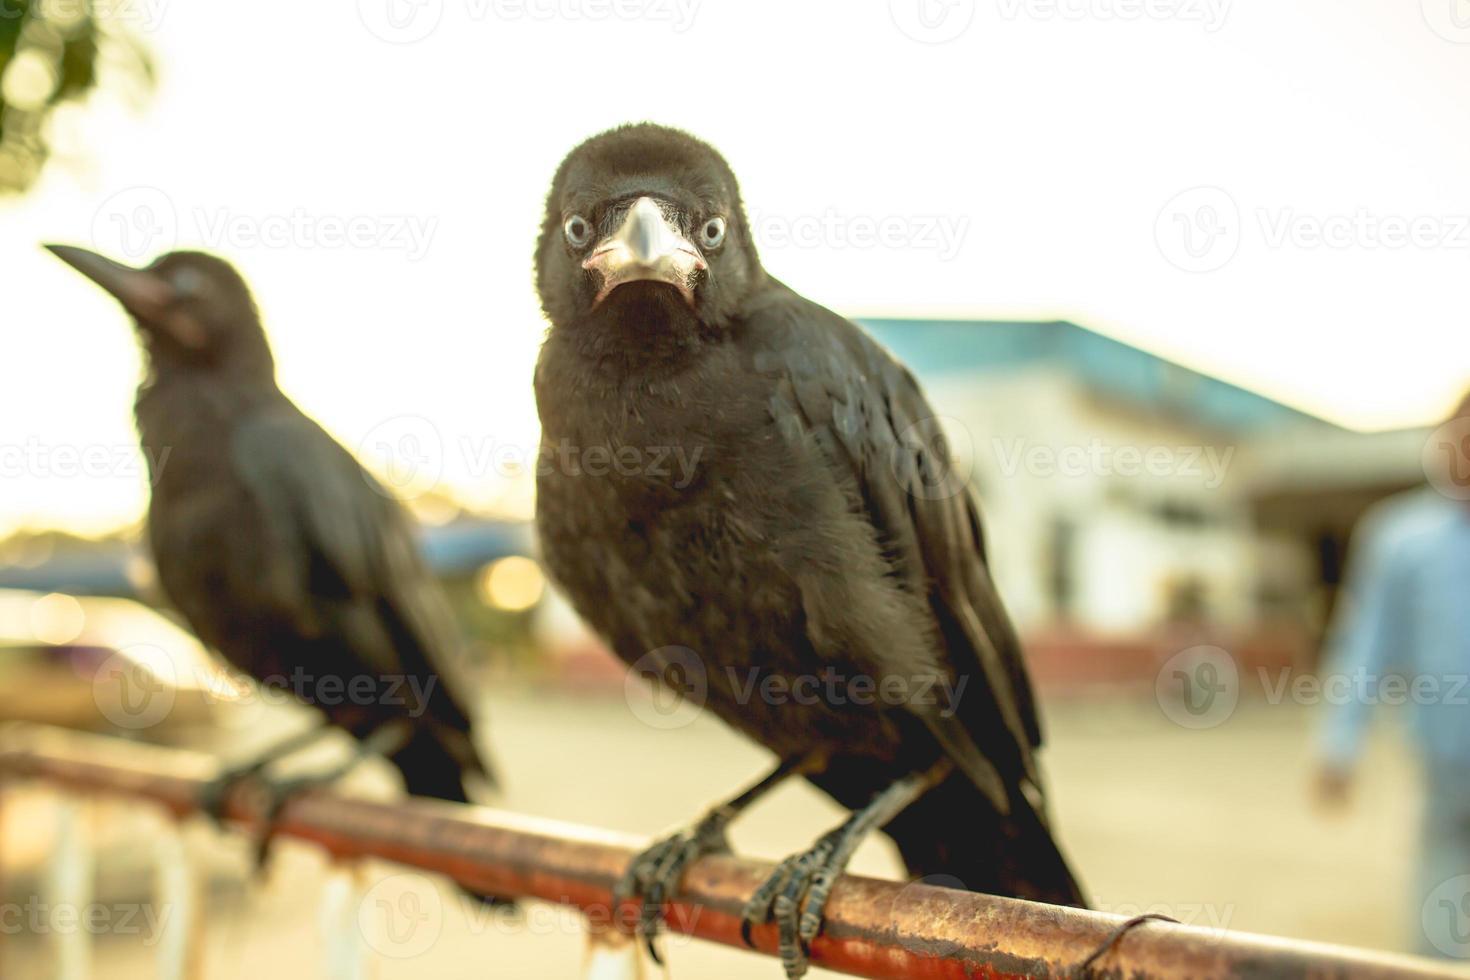 corvos segurando barreira de tráfego de ferro. foto